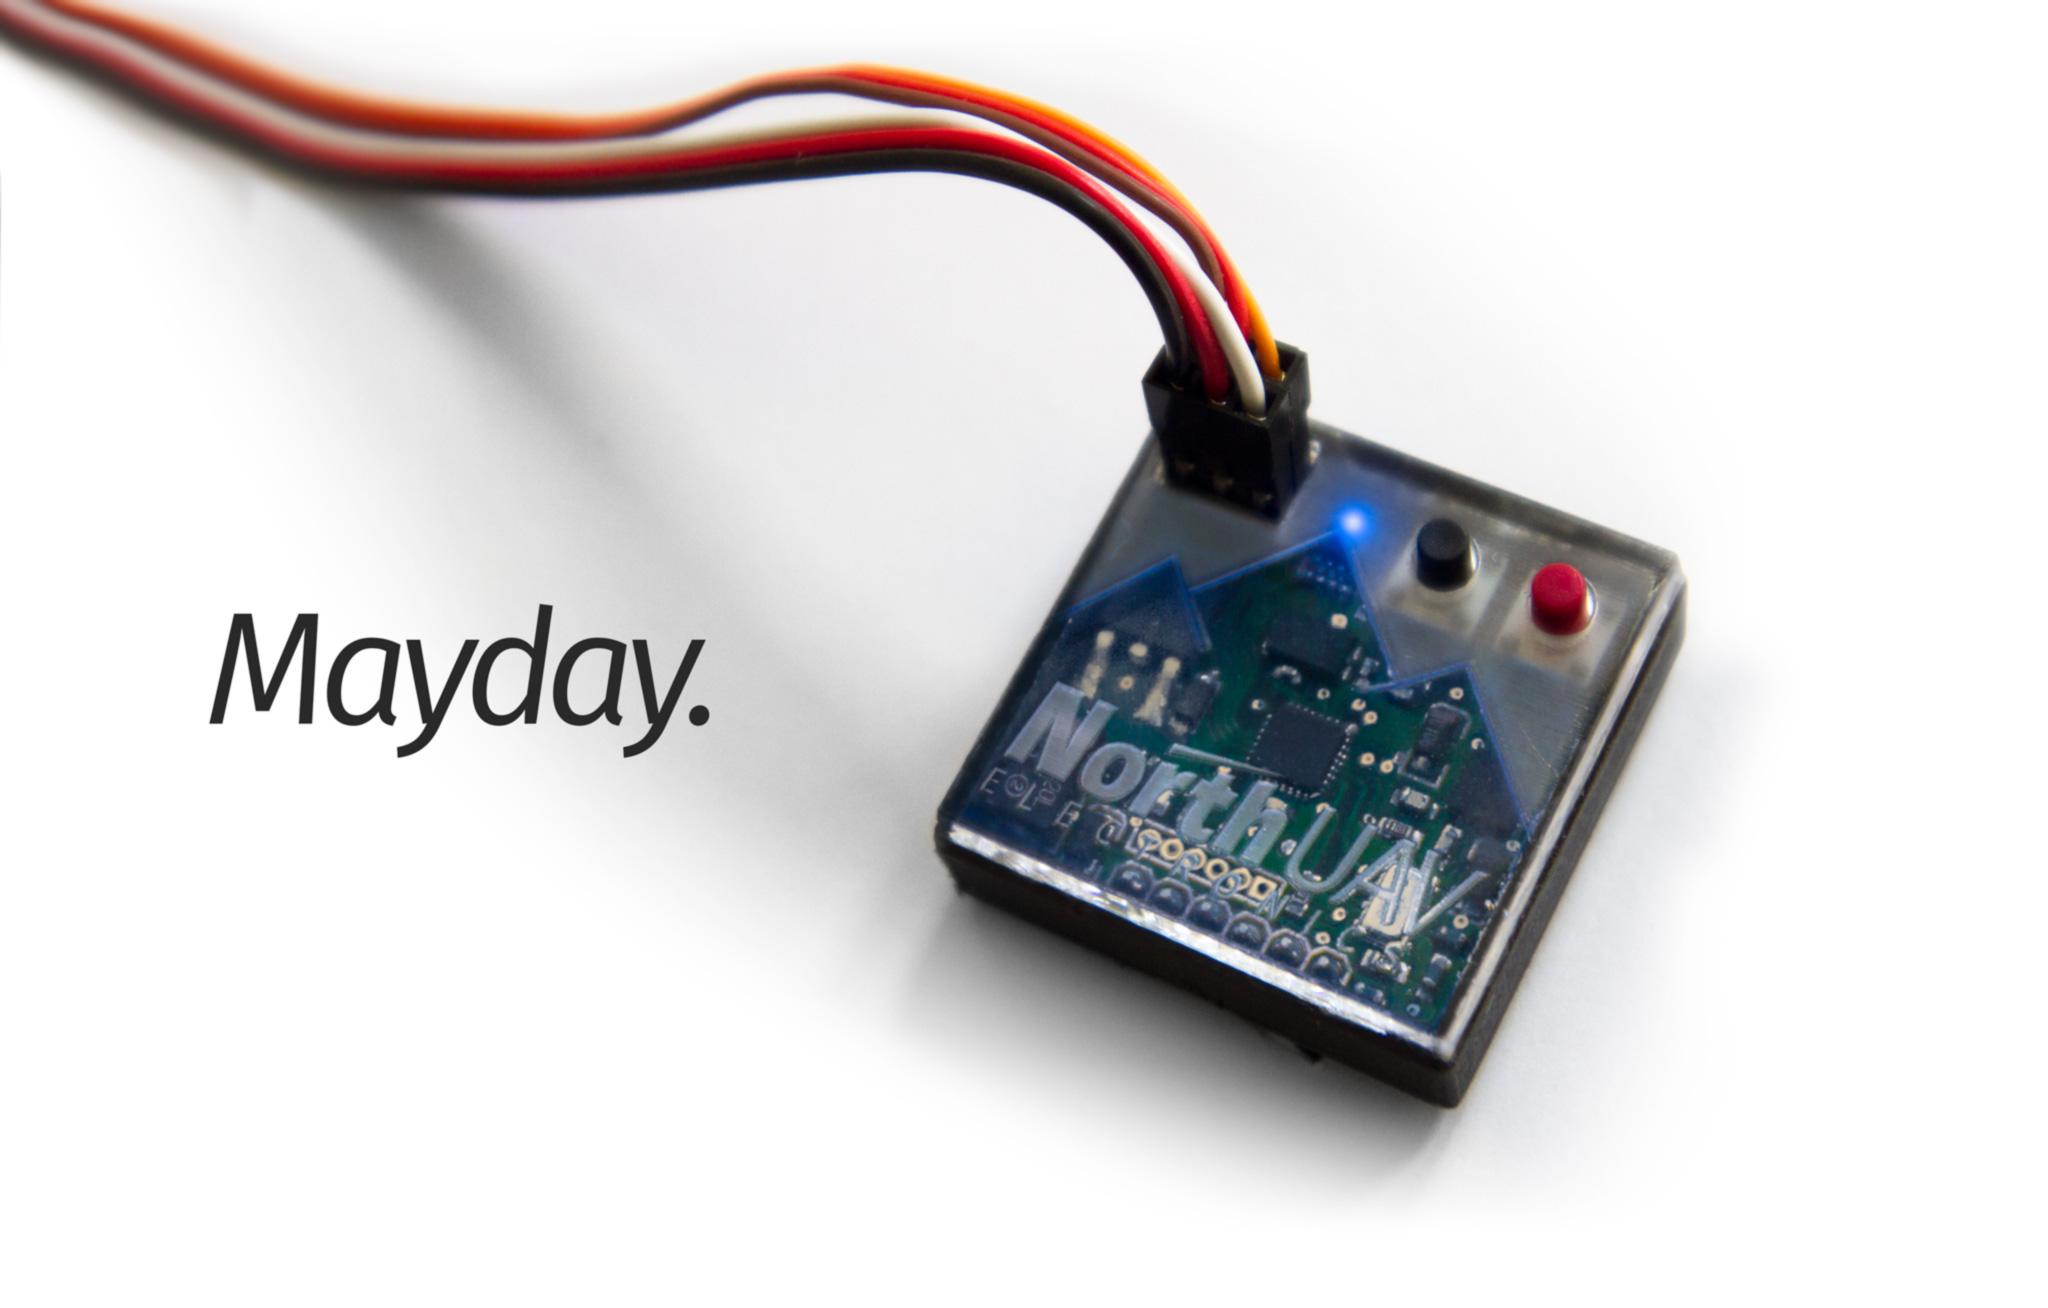 mayday board.jpg